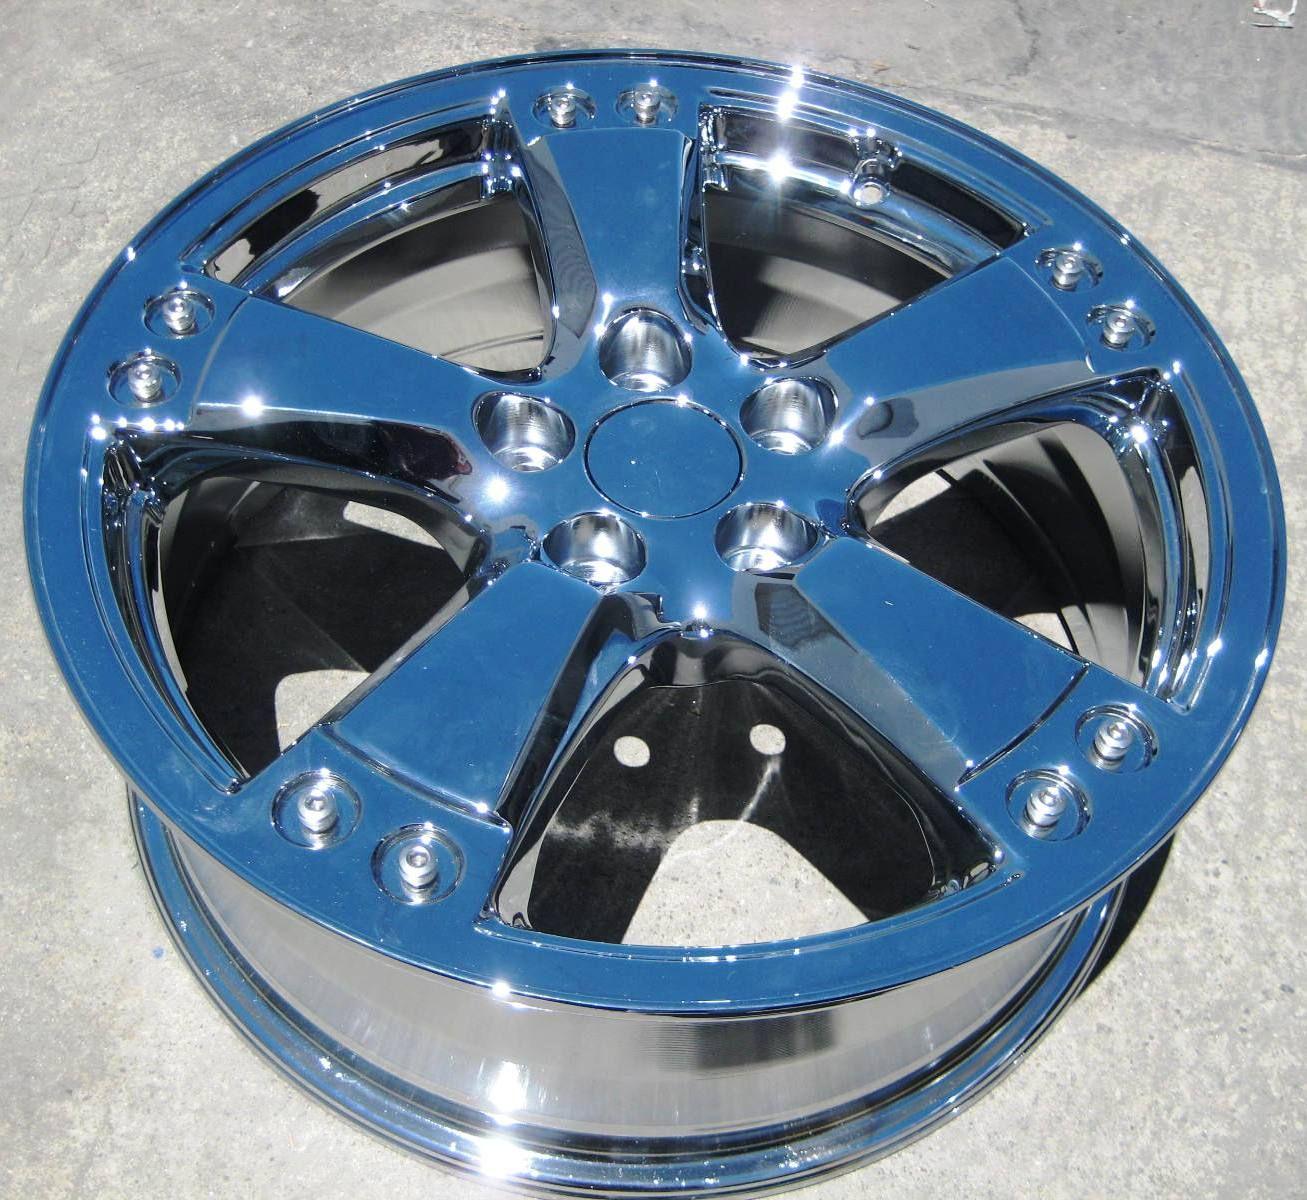 STOCK 4 NEW 18 FACTORY LEXUS RX350 RX330 RX400H CHROME WHEELS RIMS